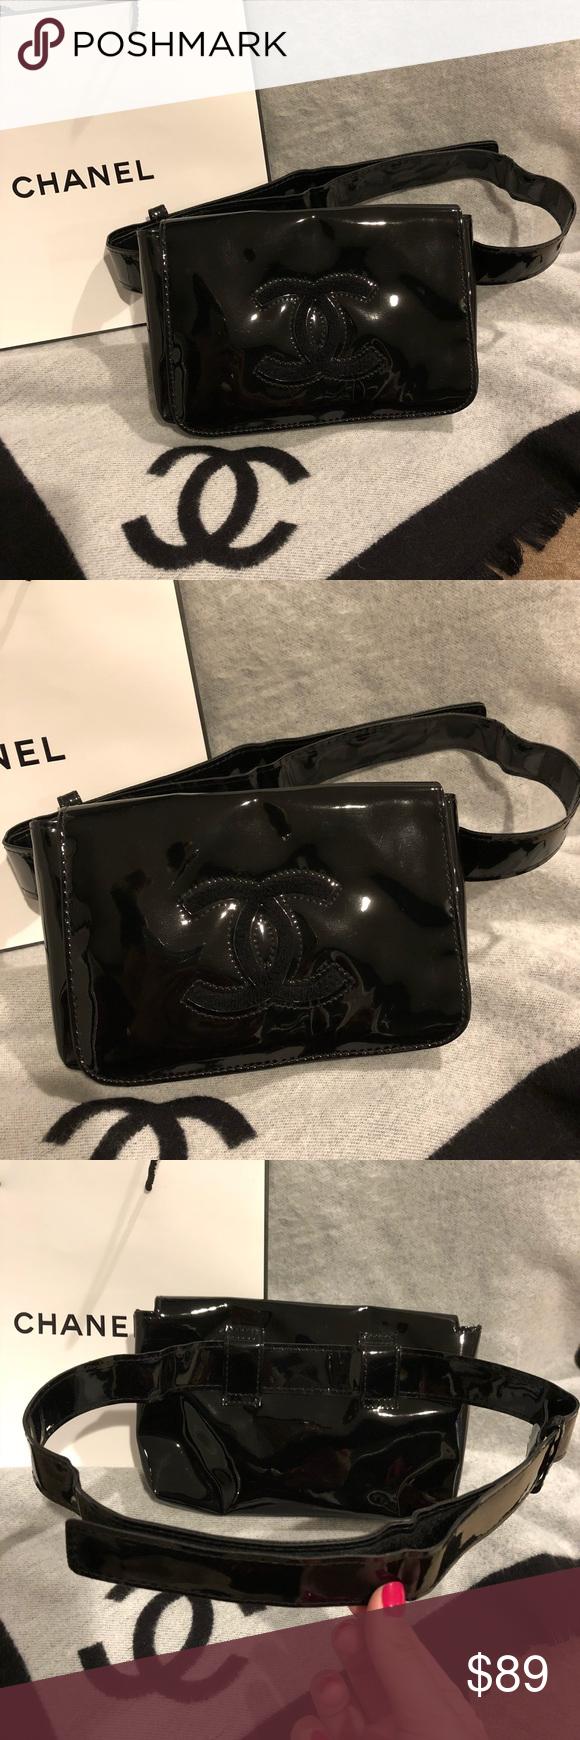 cc3852dc130d Authentic NWOT Chanel Patent Makeup Fanny Pack Bag Authentic NWOT Chanel  VIP Faux Patent Leather Black